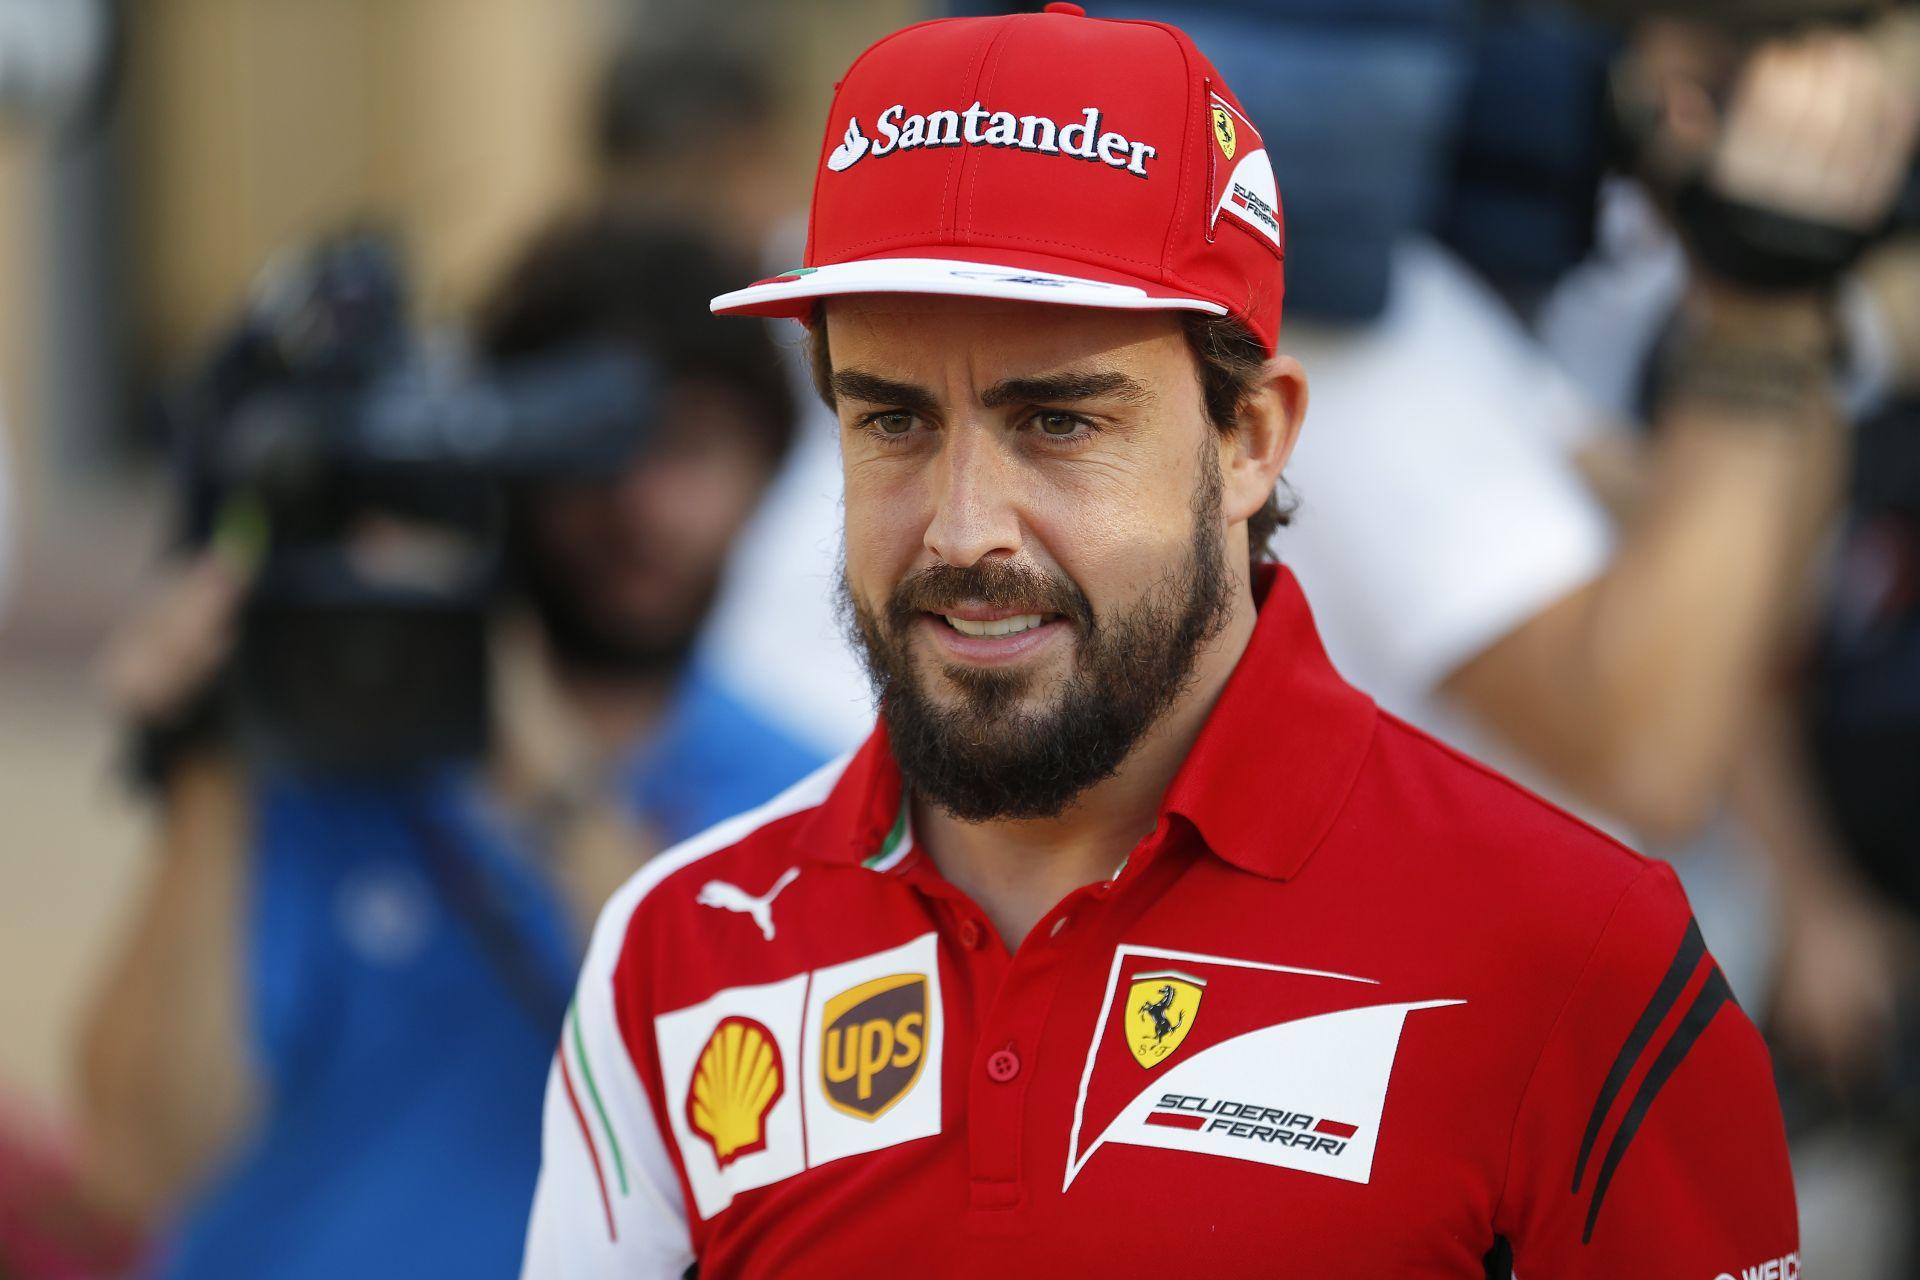 Alonso: Most egy új csapathoz szerződöm, és sok munka vár rám, de nagyon lelkes vagyok!